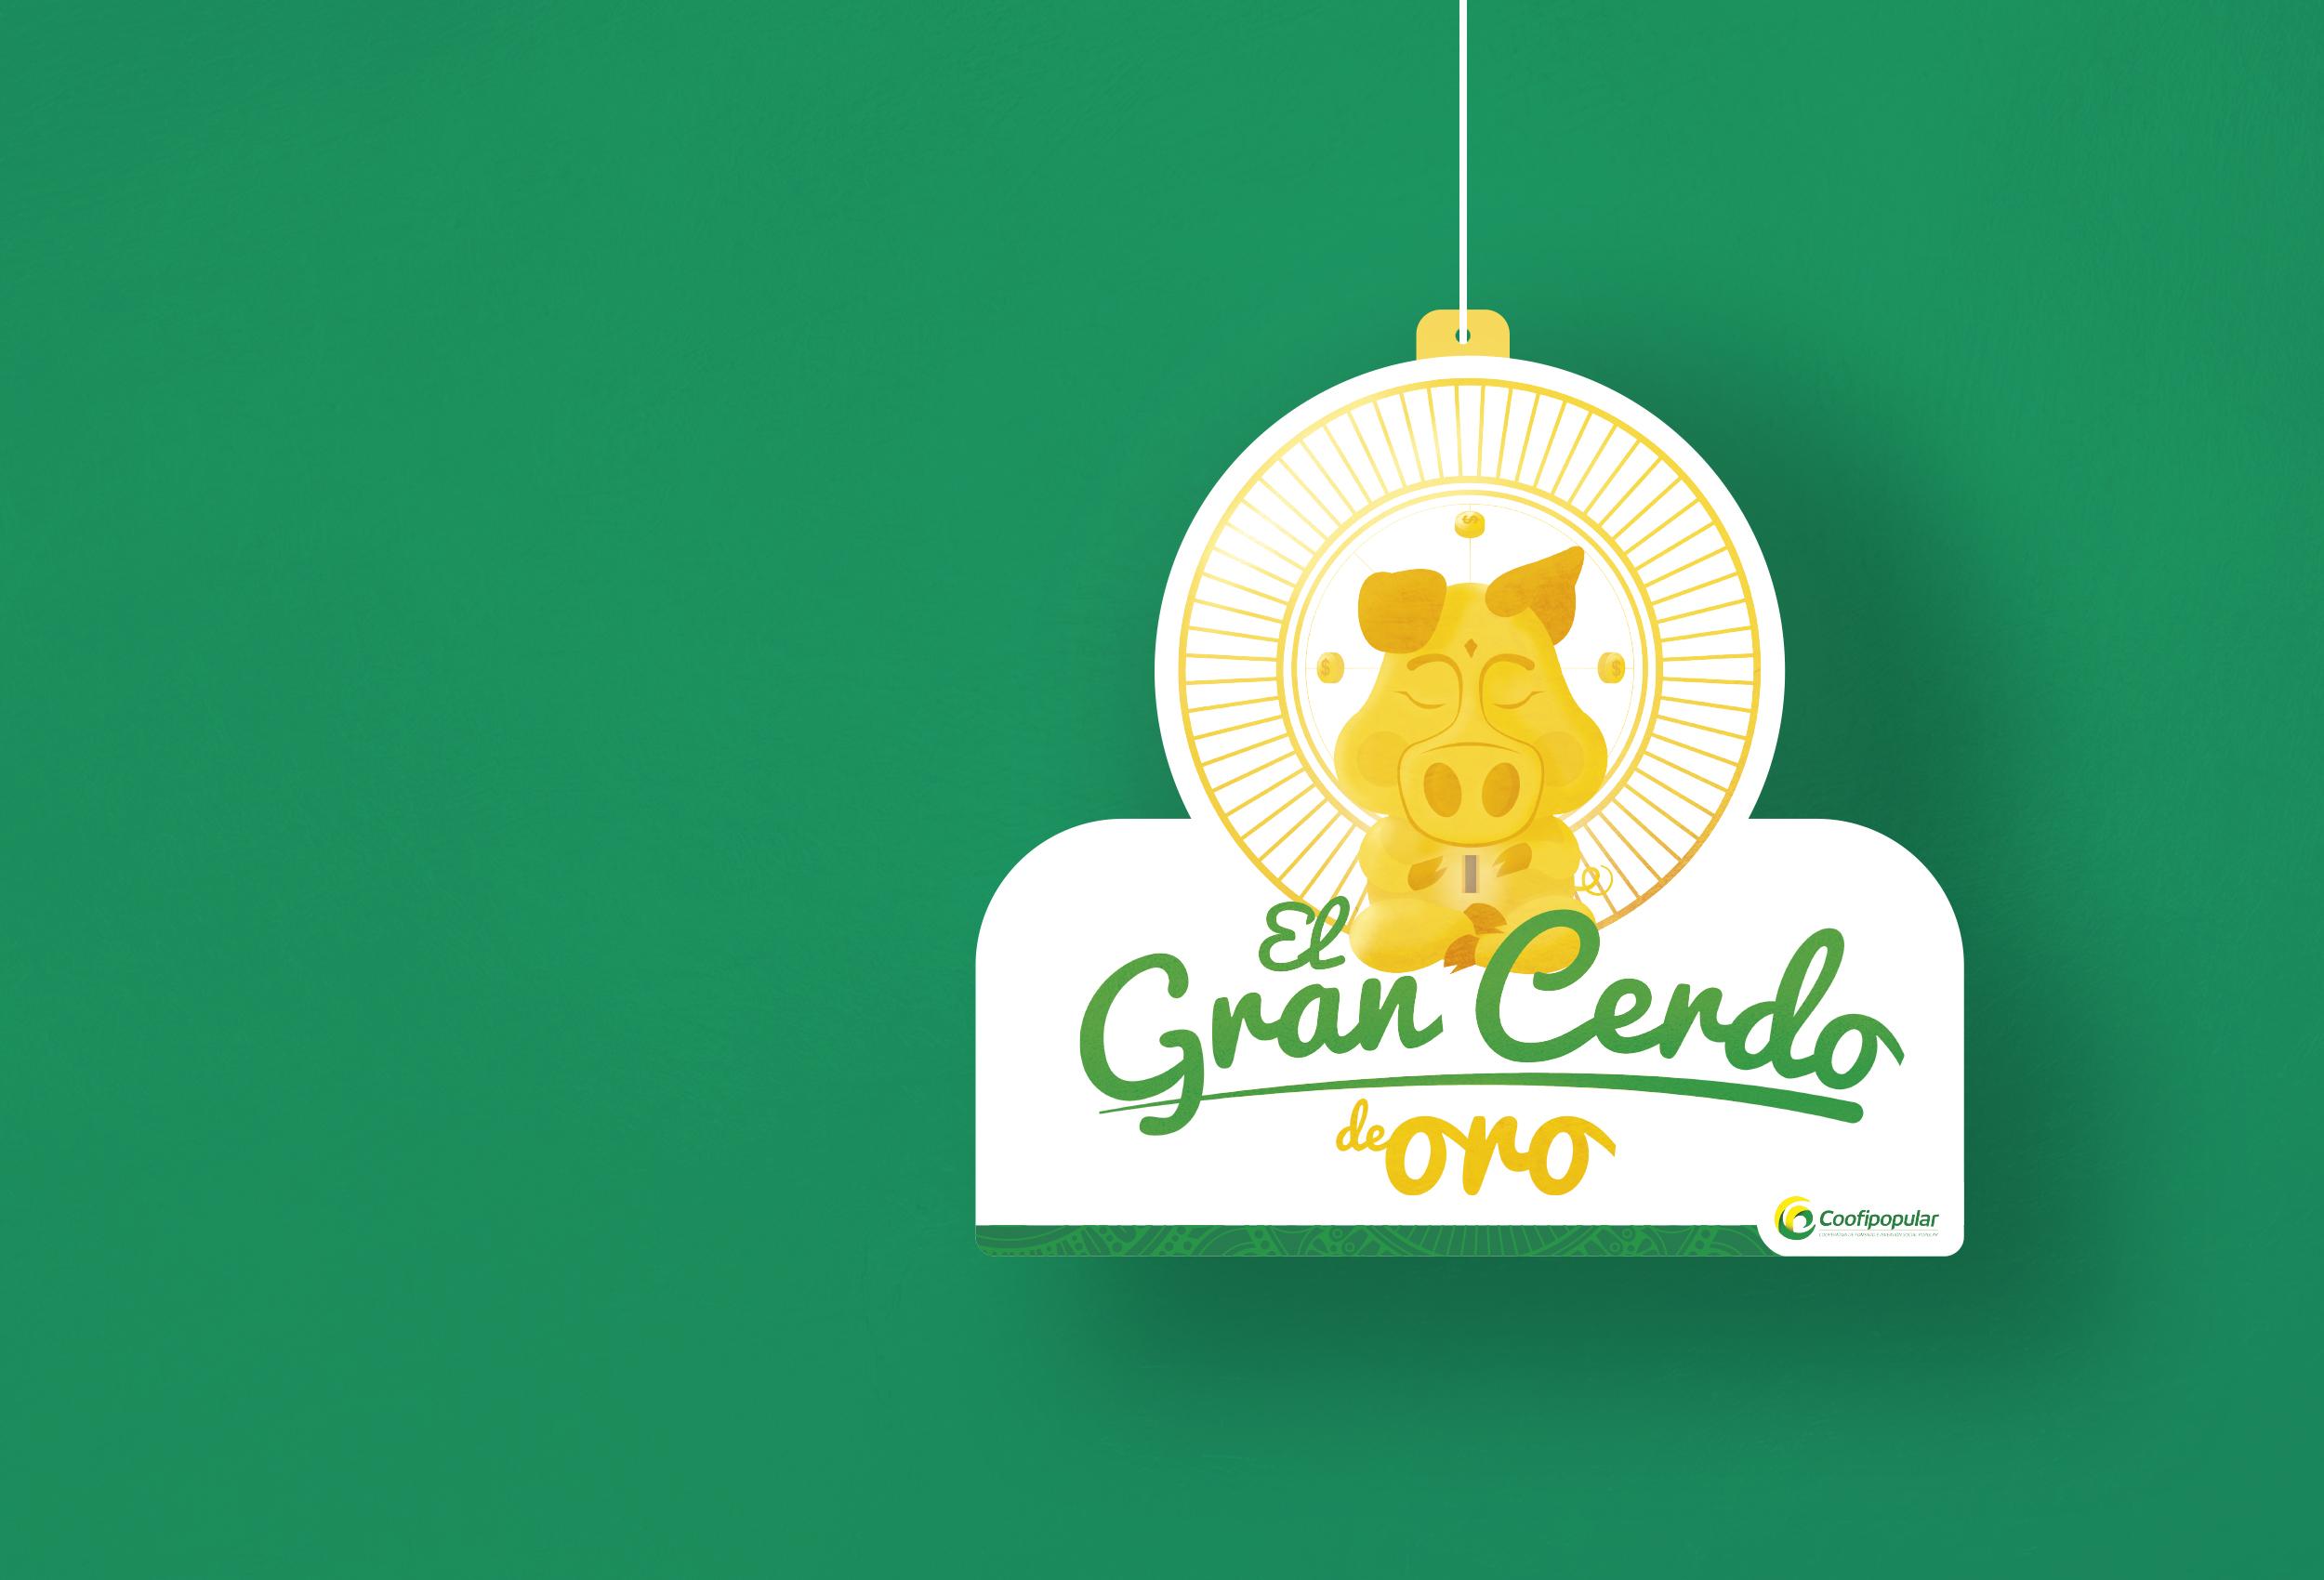 17_08_03_El_Gran_Cerdo_De_Oro_Movil